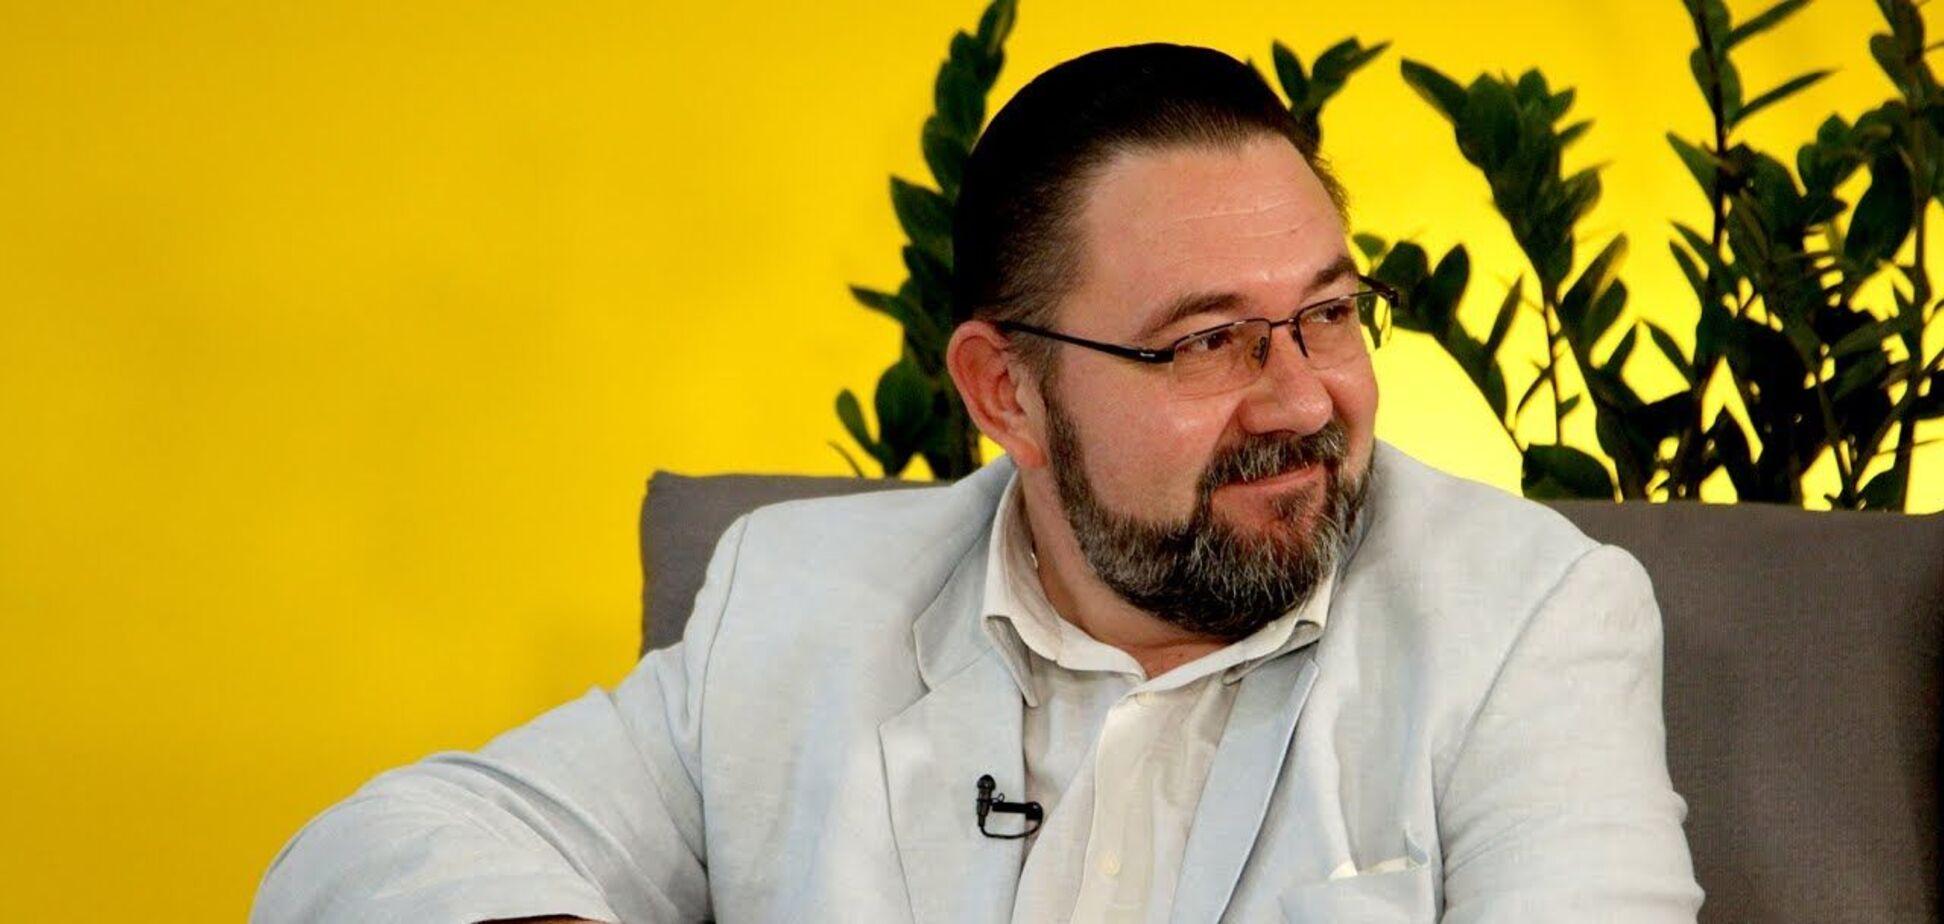 Микита Потураєв запропонував перейменувати Росію на Московію